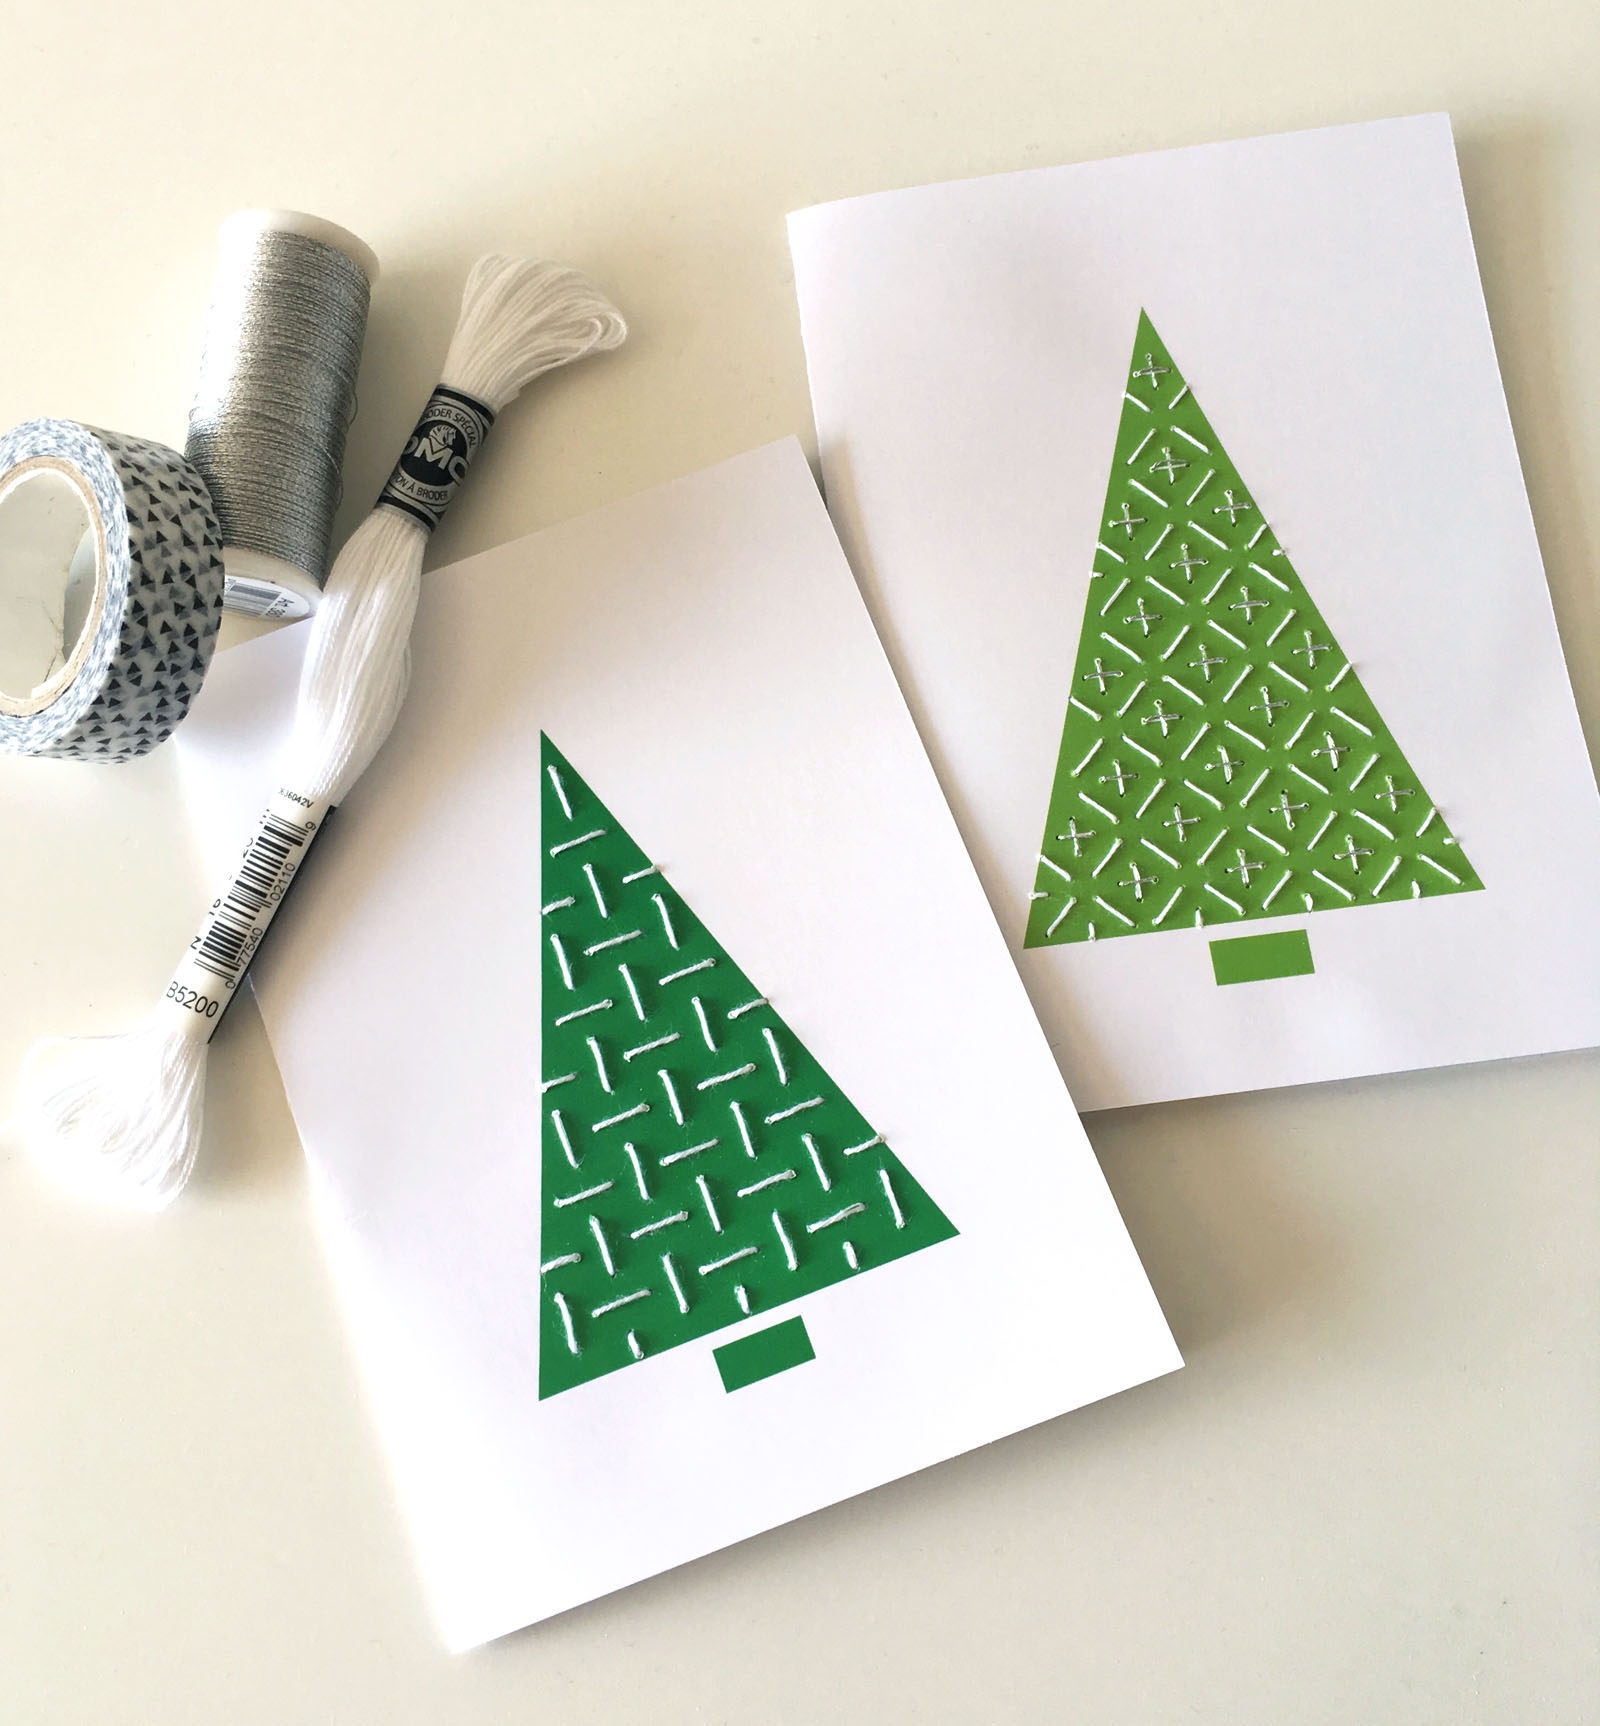 YuleTrees_Print+Stitch1_KellyFletcher.jpg